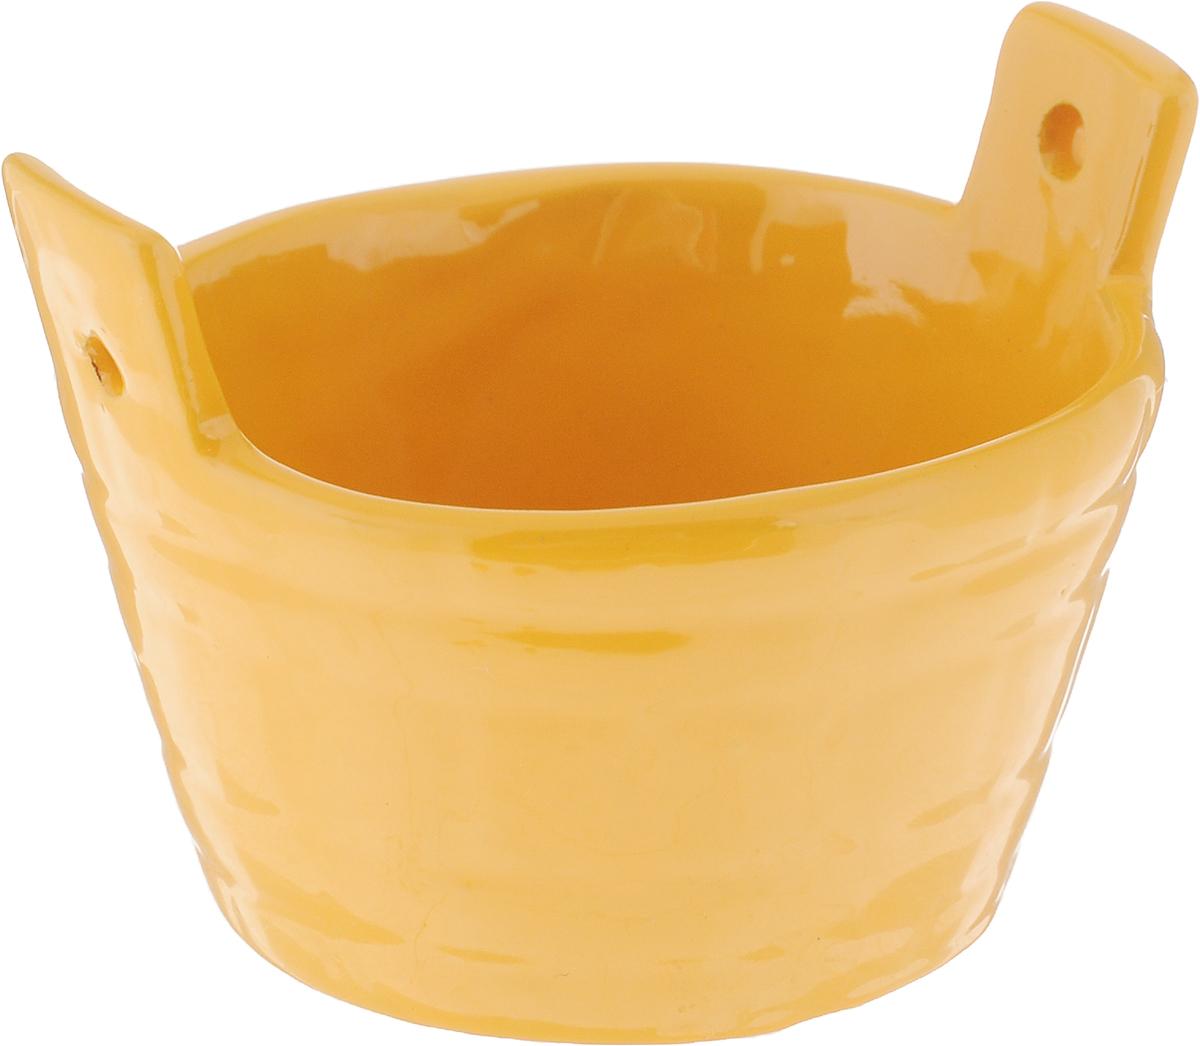 Солонка Борисовская керамика Ушат, цвет: горчичный, 50 млОБЧ00000575_горчичныйСолонка Борисовская керамика Ушат, изготовленная из глазурованной керамики, имеет оригинальный форму. Изделие подойдет для хранения соли и специй, а также для подачи на стол варенья или меда.Можно использовать в СВЧ печи и духовом шкафу.Размер солонки: 7,3 х 6 х 5,5 см.